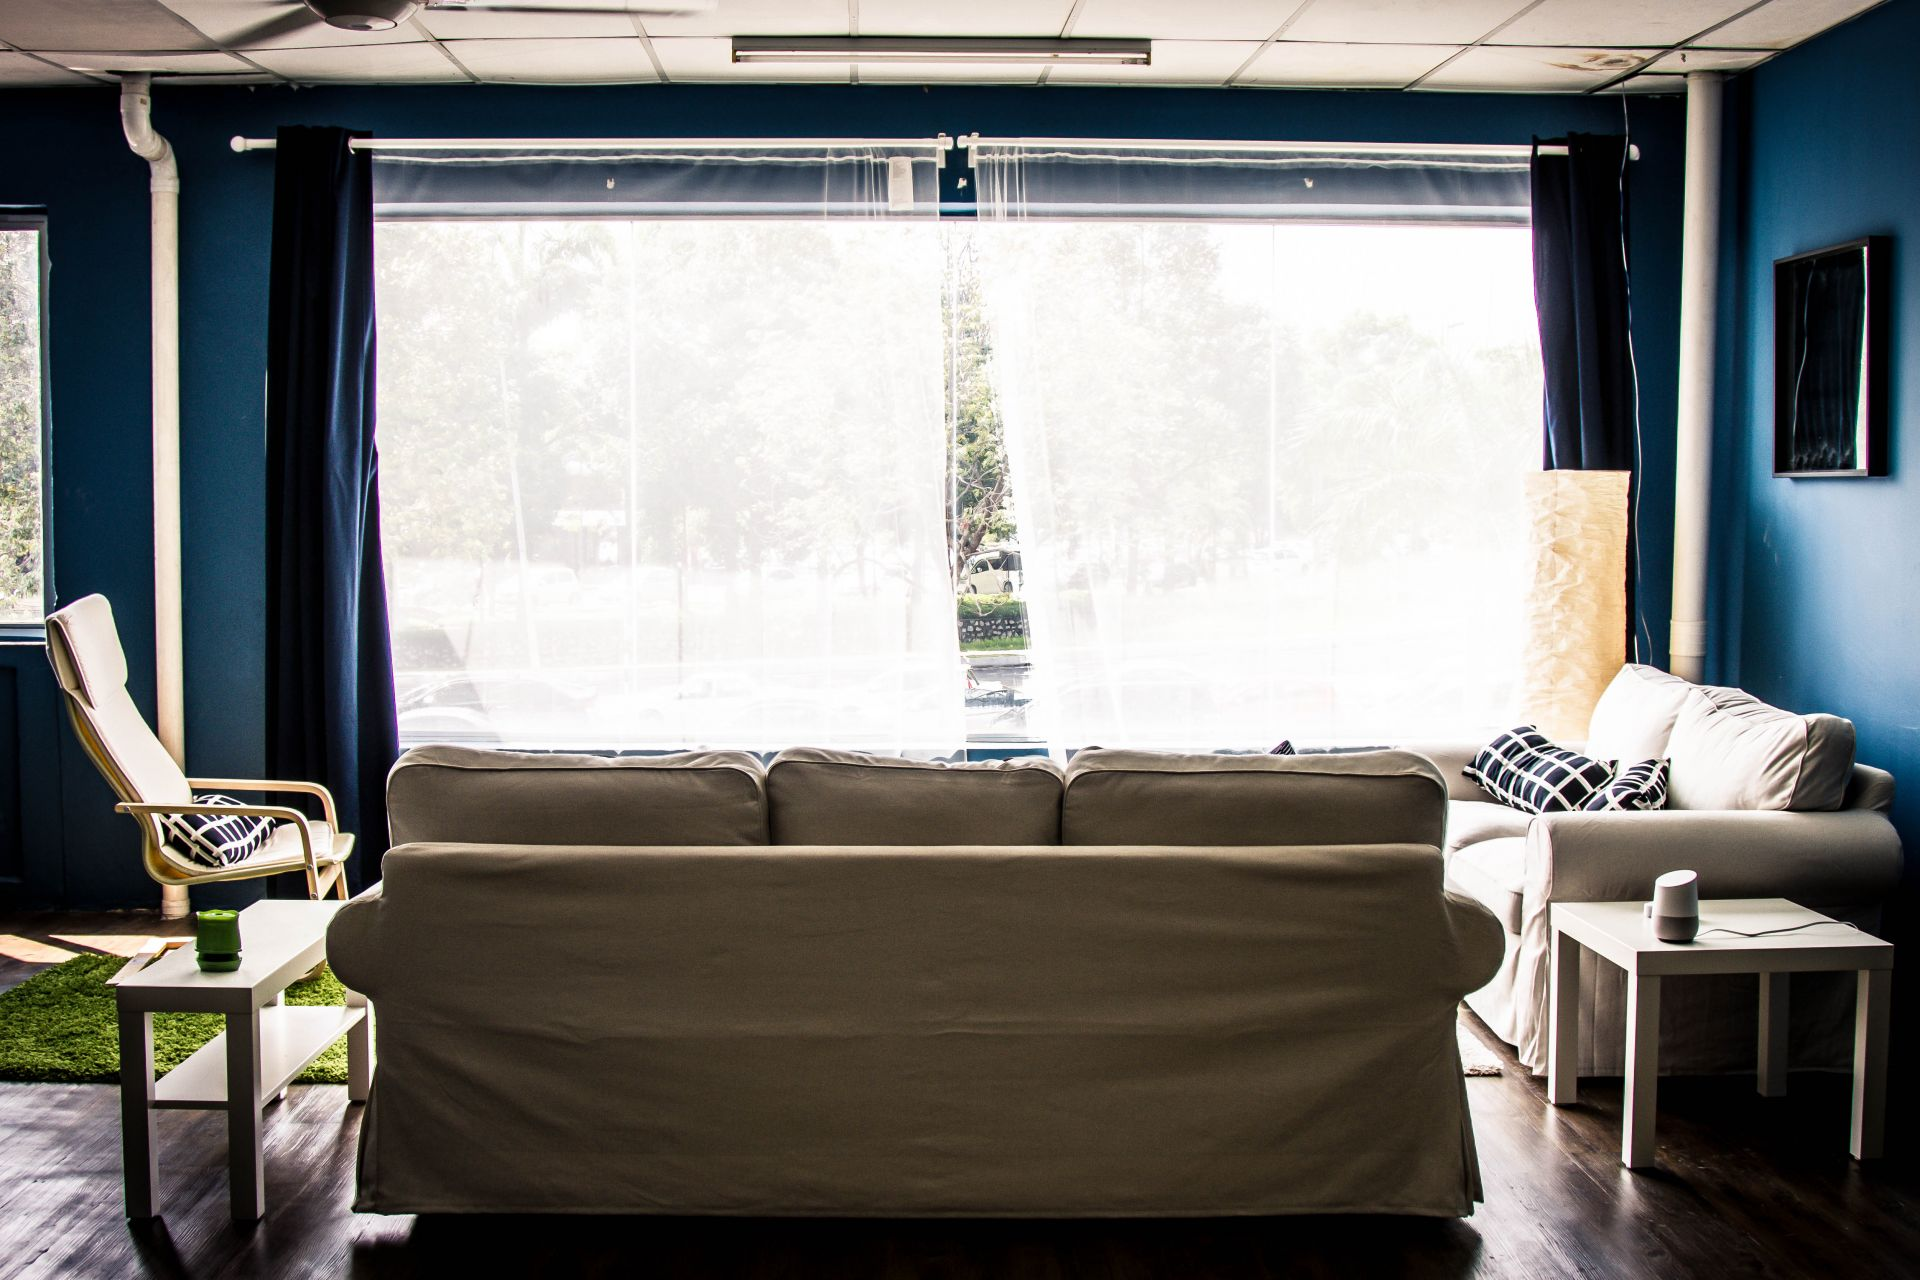 Common Room Bangi, Bandar Baru Bangi